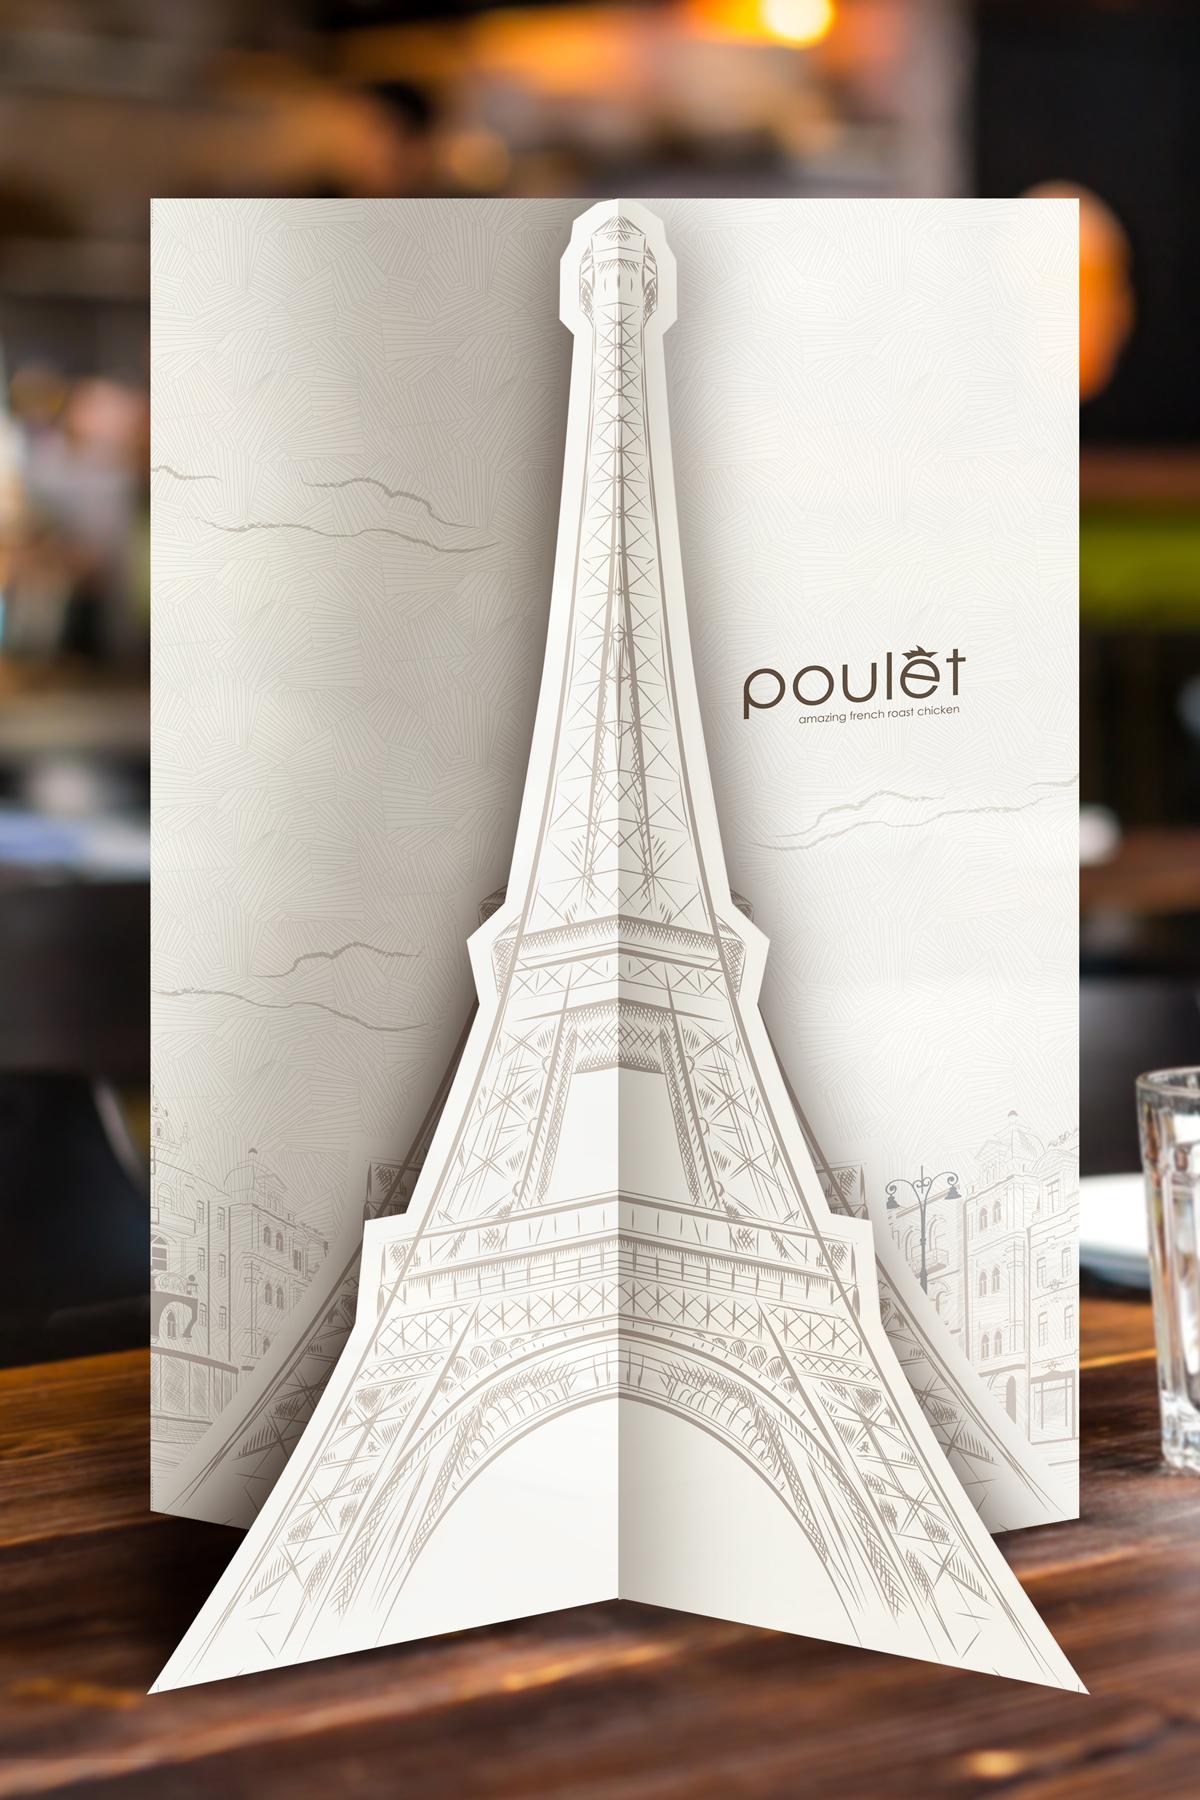 Design and Digital Marketing Portfolio - Poulet Restaurant Menu - Vertical - Leow Hou Teng